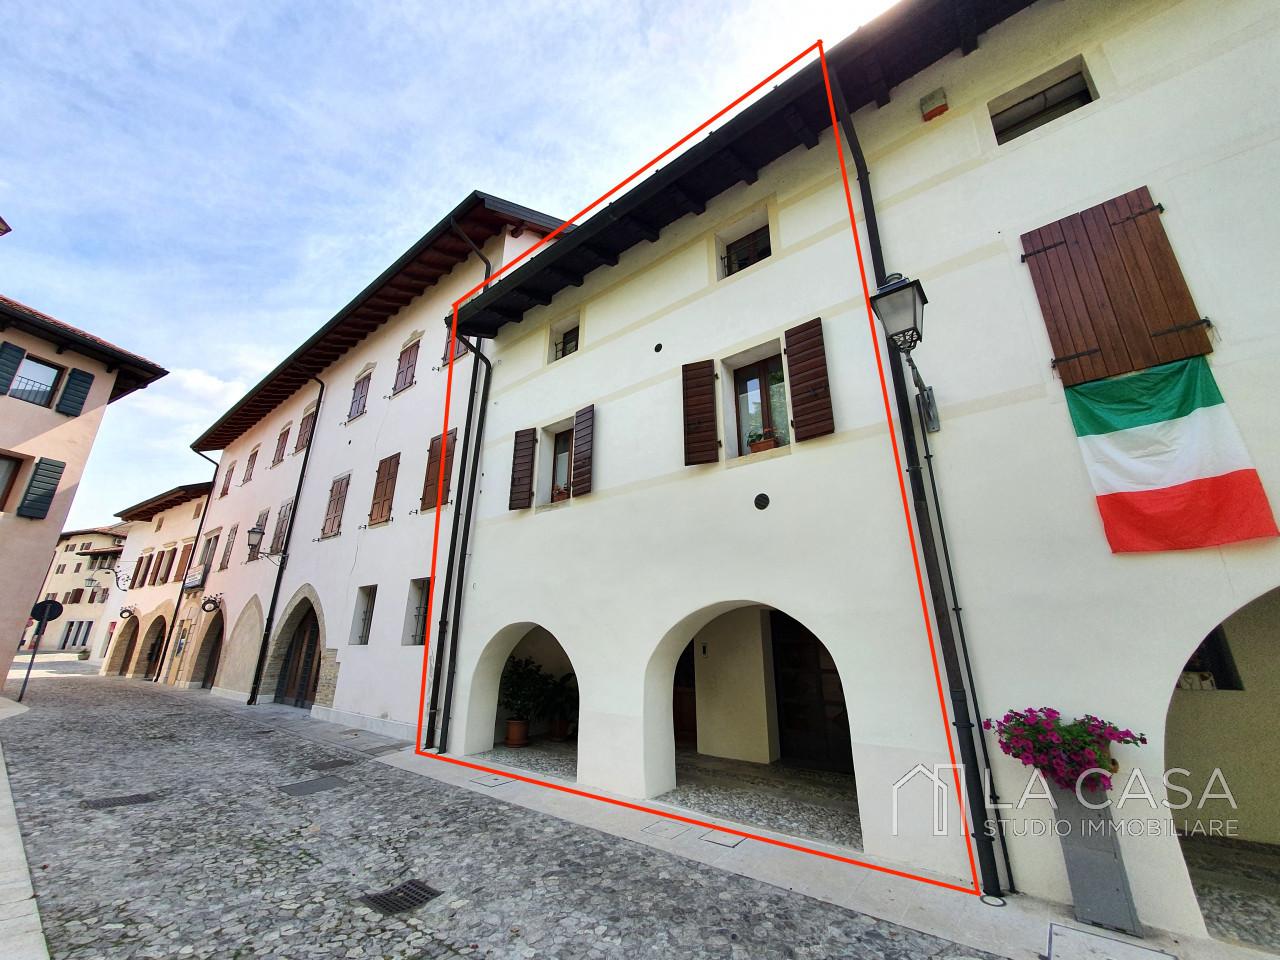 Porzione di Centro Storico a Valvasone - Rif.C9 https://images.gestionaleimmobiliare.it/foto/annunci/200526/2249330/1280x1280/000__20200522_110203_wmk_0.jpg